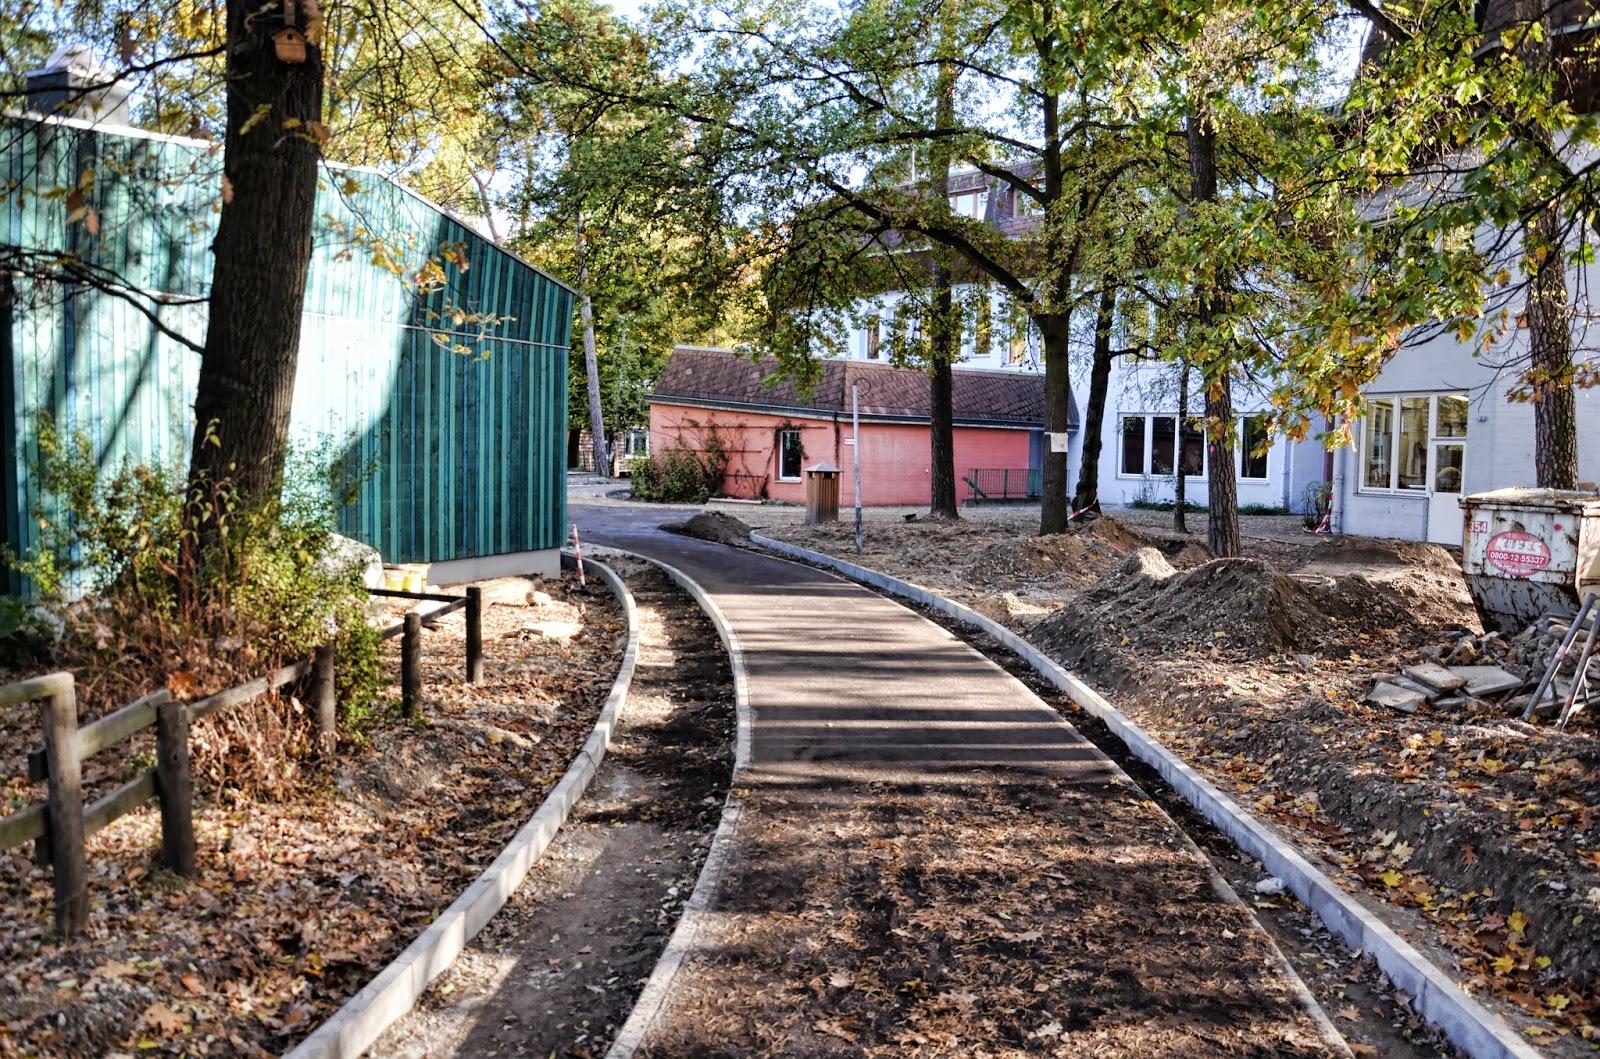 berliner baustellen 0132 baustelle rudolf steiner schule berlin e v energetische sanierung. Black Bedroom Furniture Sets. Home Design Ideas